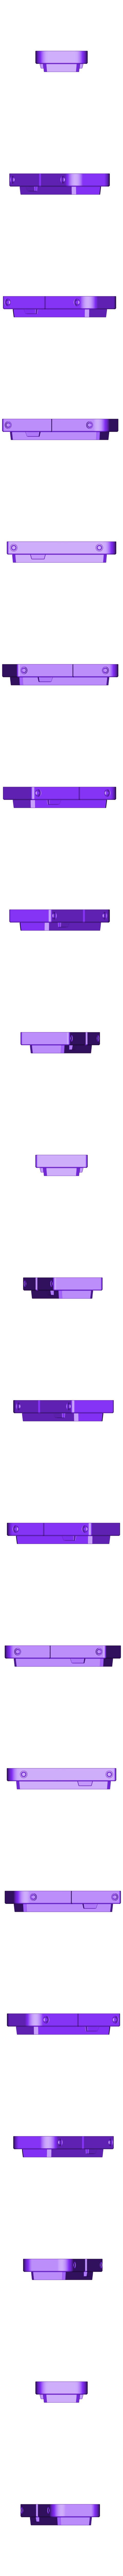 receiver_back.stl Télécharger fichier STL gratuit POIGNÉE Warhammer 40K • Modèle pour imprimante 3D, TheTNR